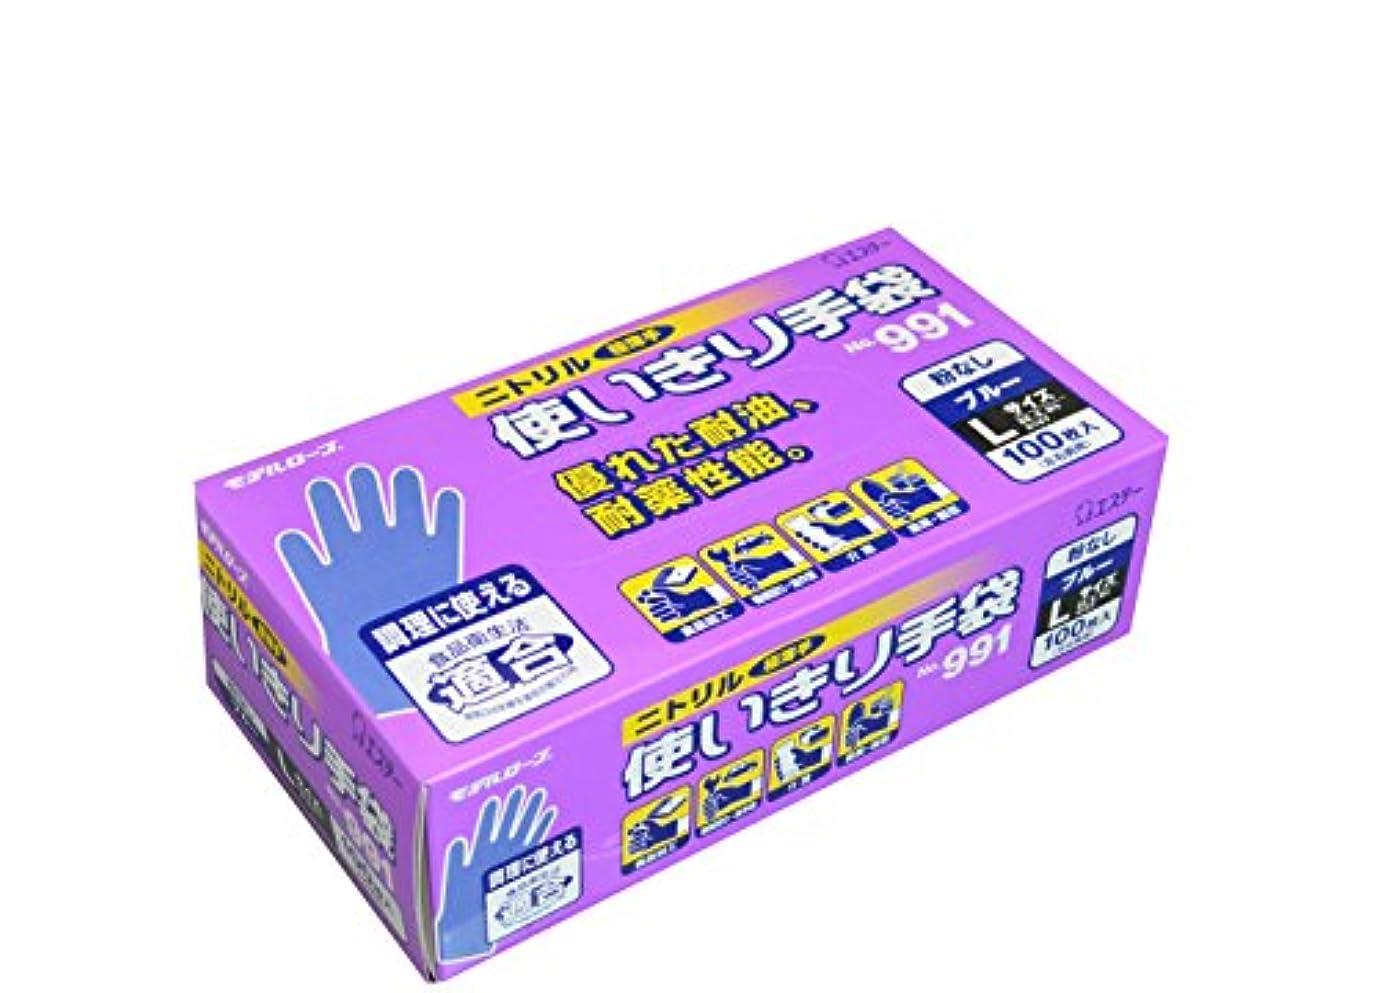 イースター額失モデルローブ NO991 ニトリル使い切り手袋 100枚 ブルー L